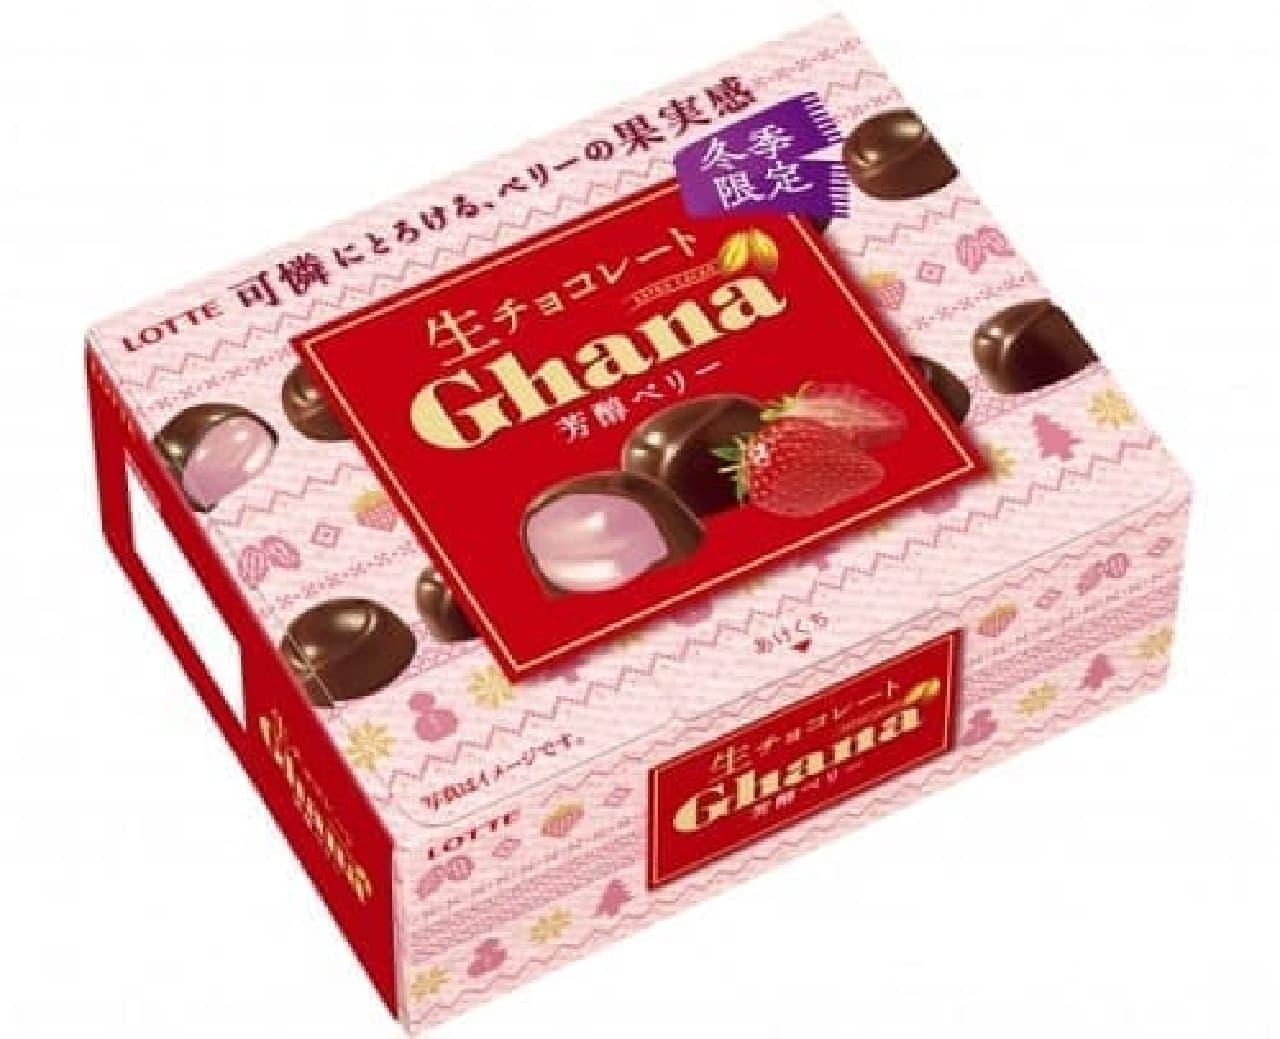 ロッテ「ガーナ生チョコレート<芳醇ベリー>」